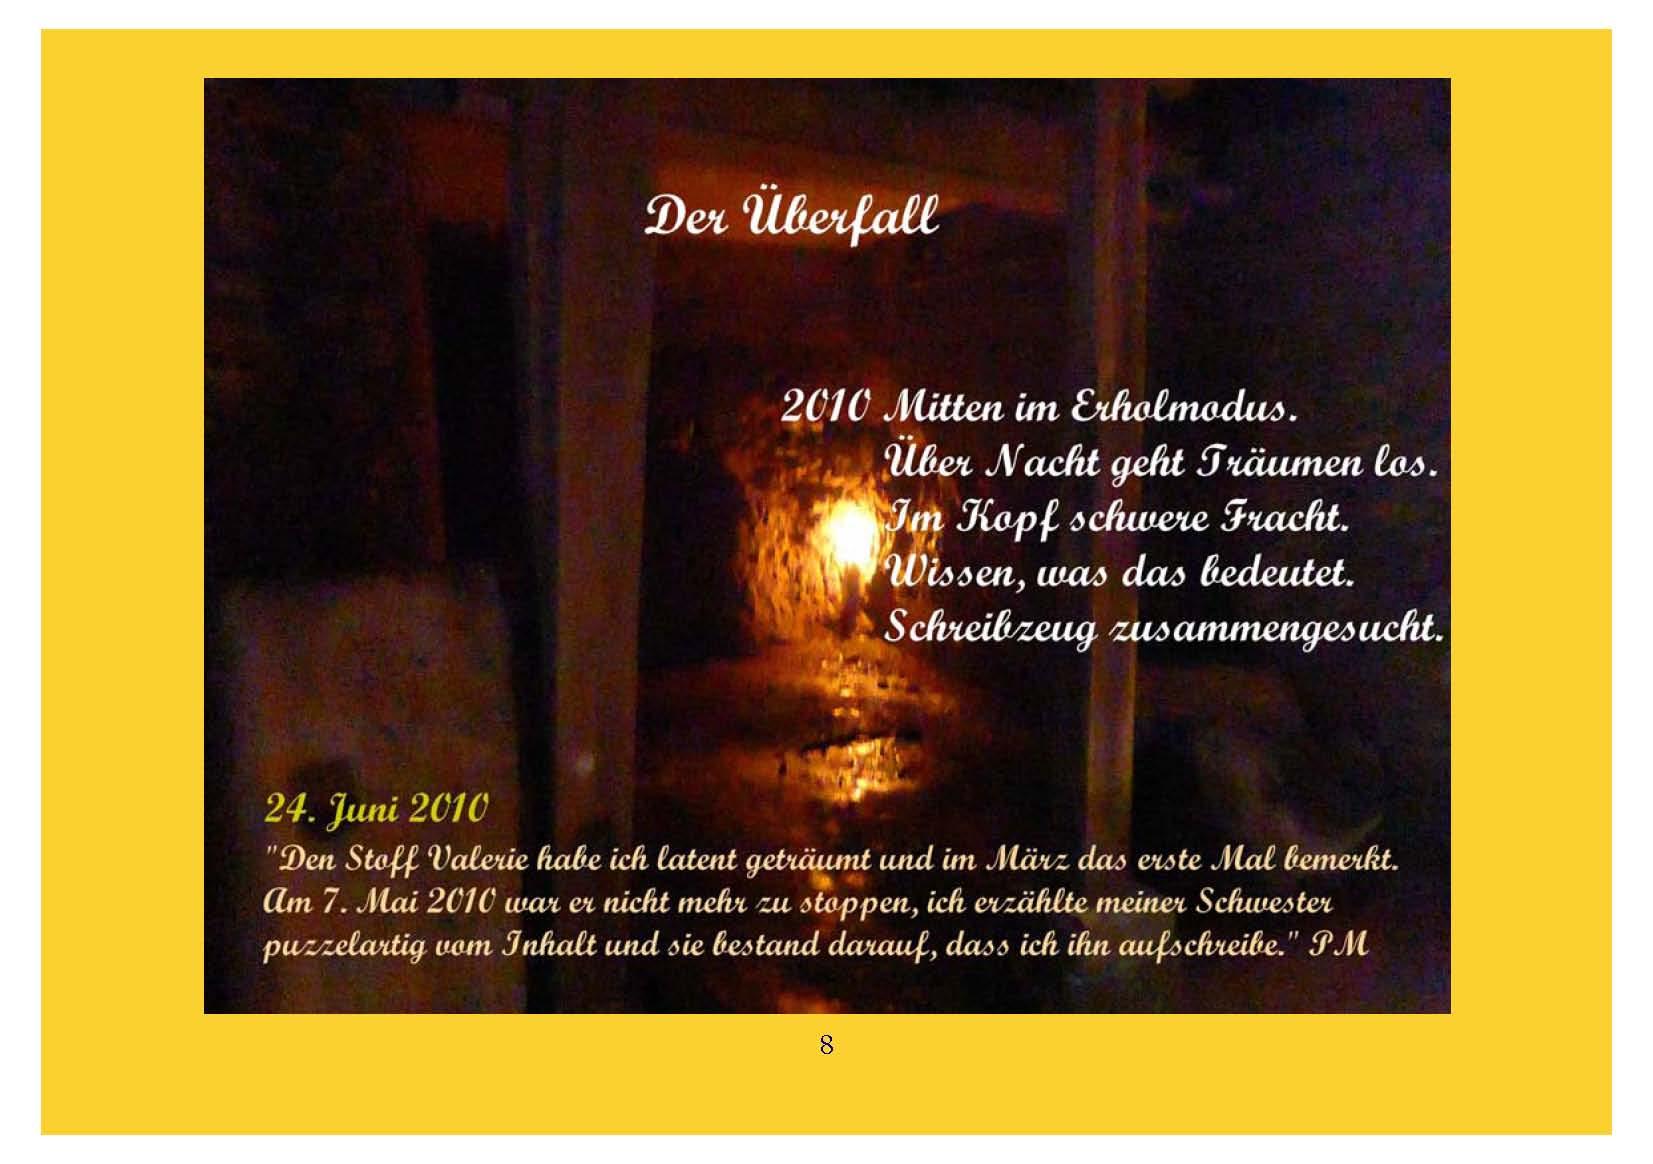 ™Gigabuch-Bibliothek/iAutobiographie Band 24/Bild 1732